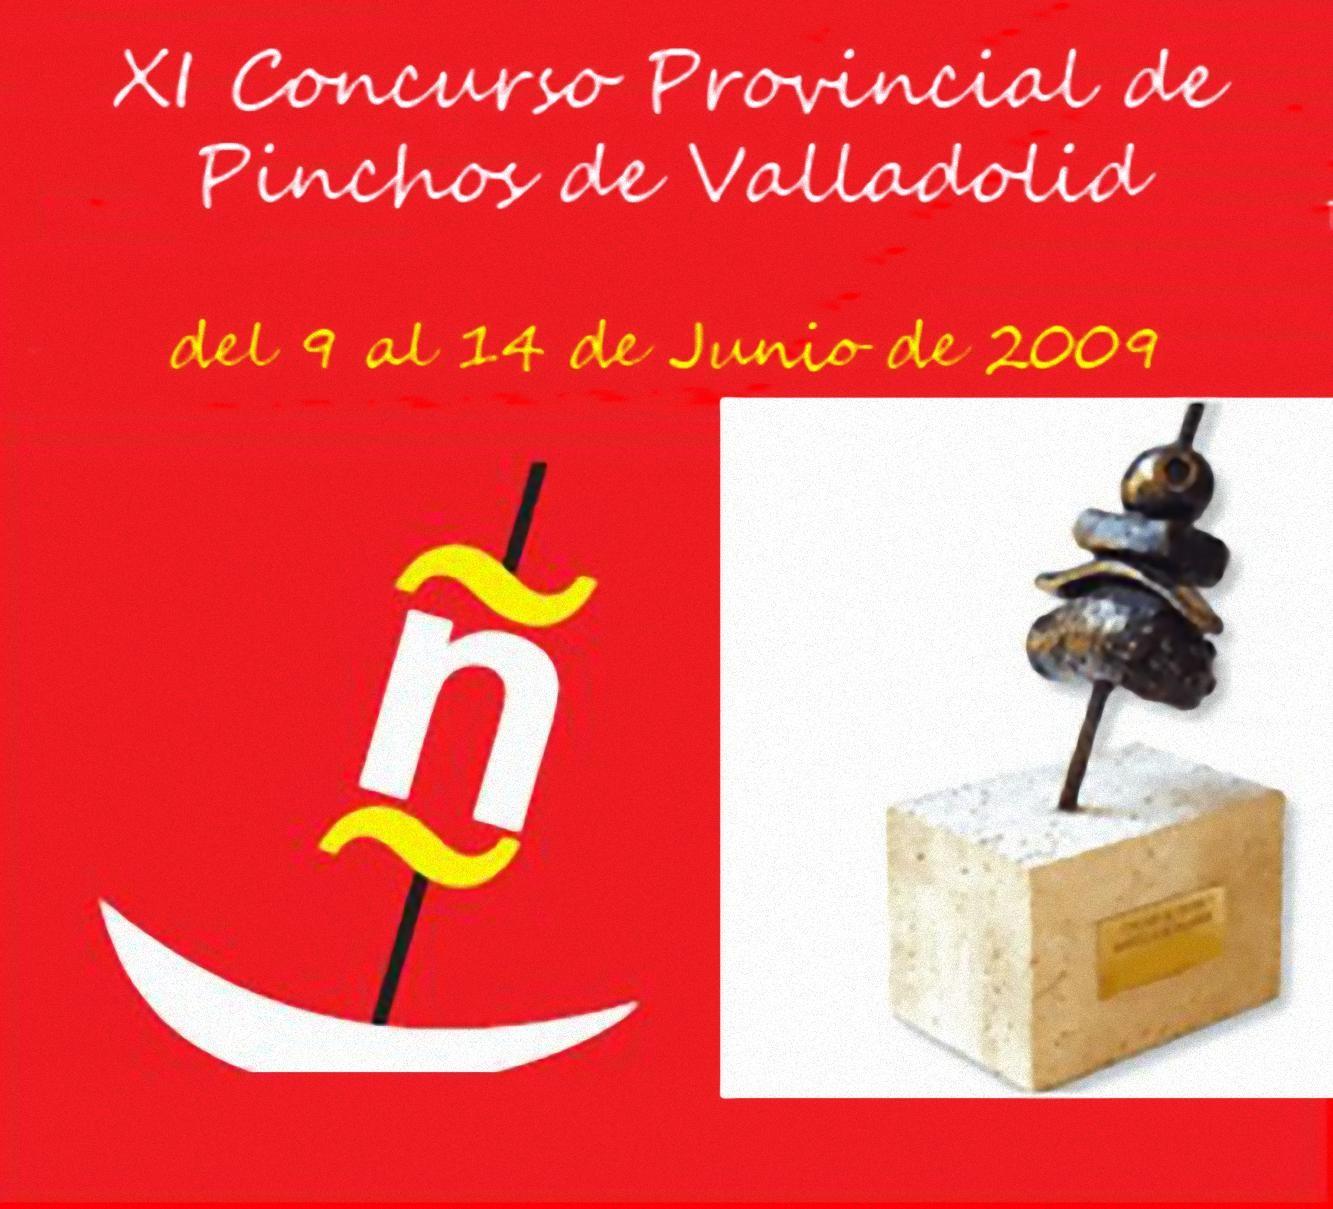 Concurso Provincial de Pinchos de Valladolid